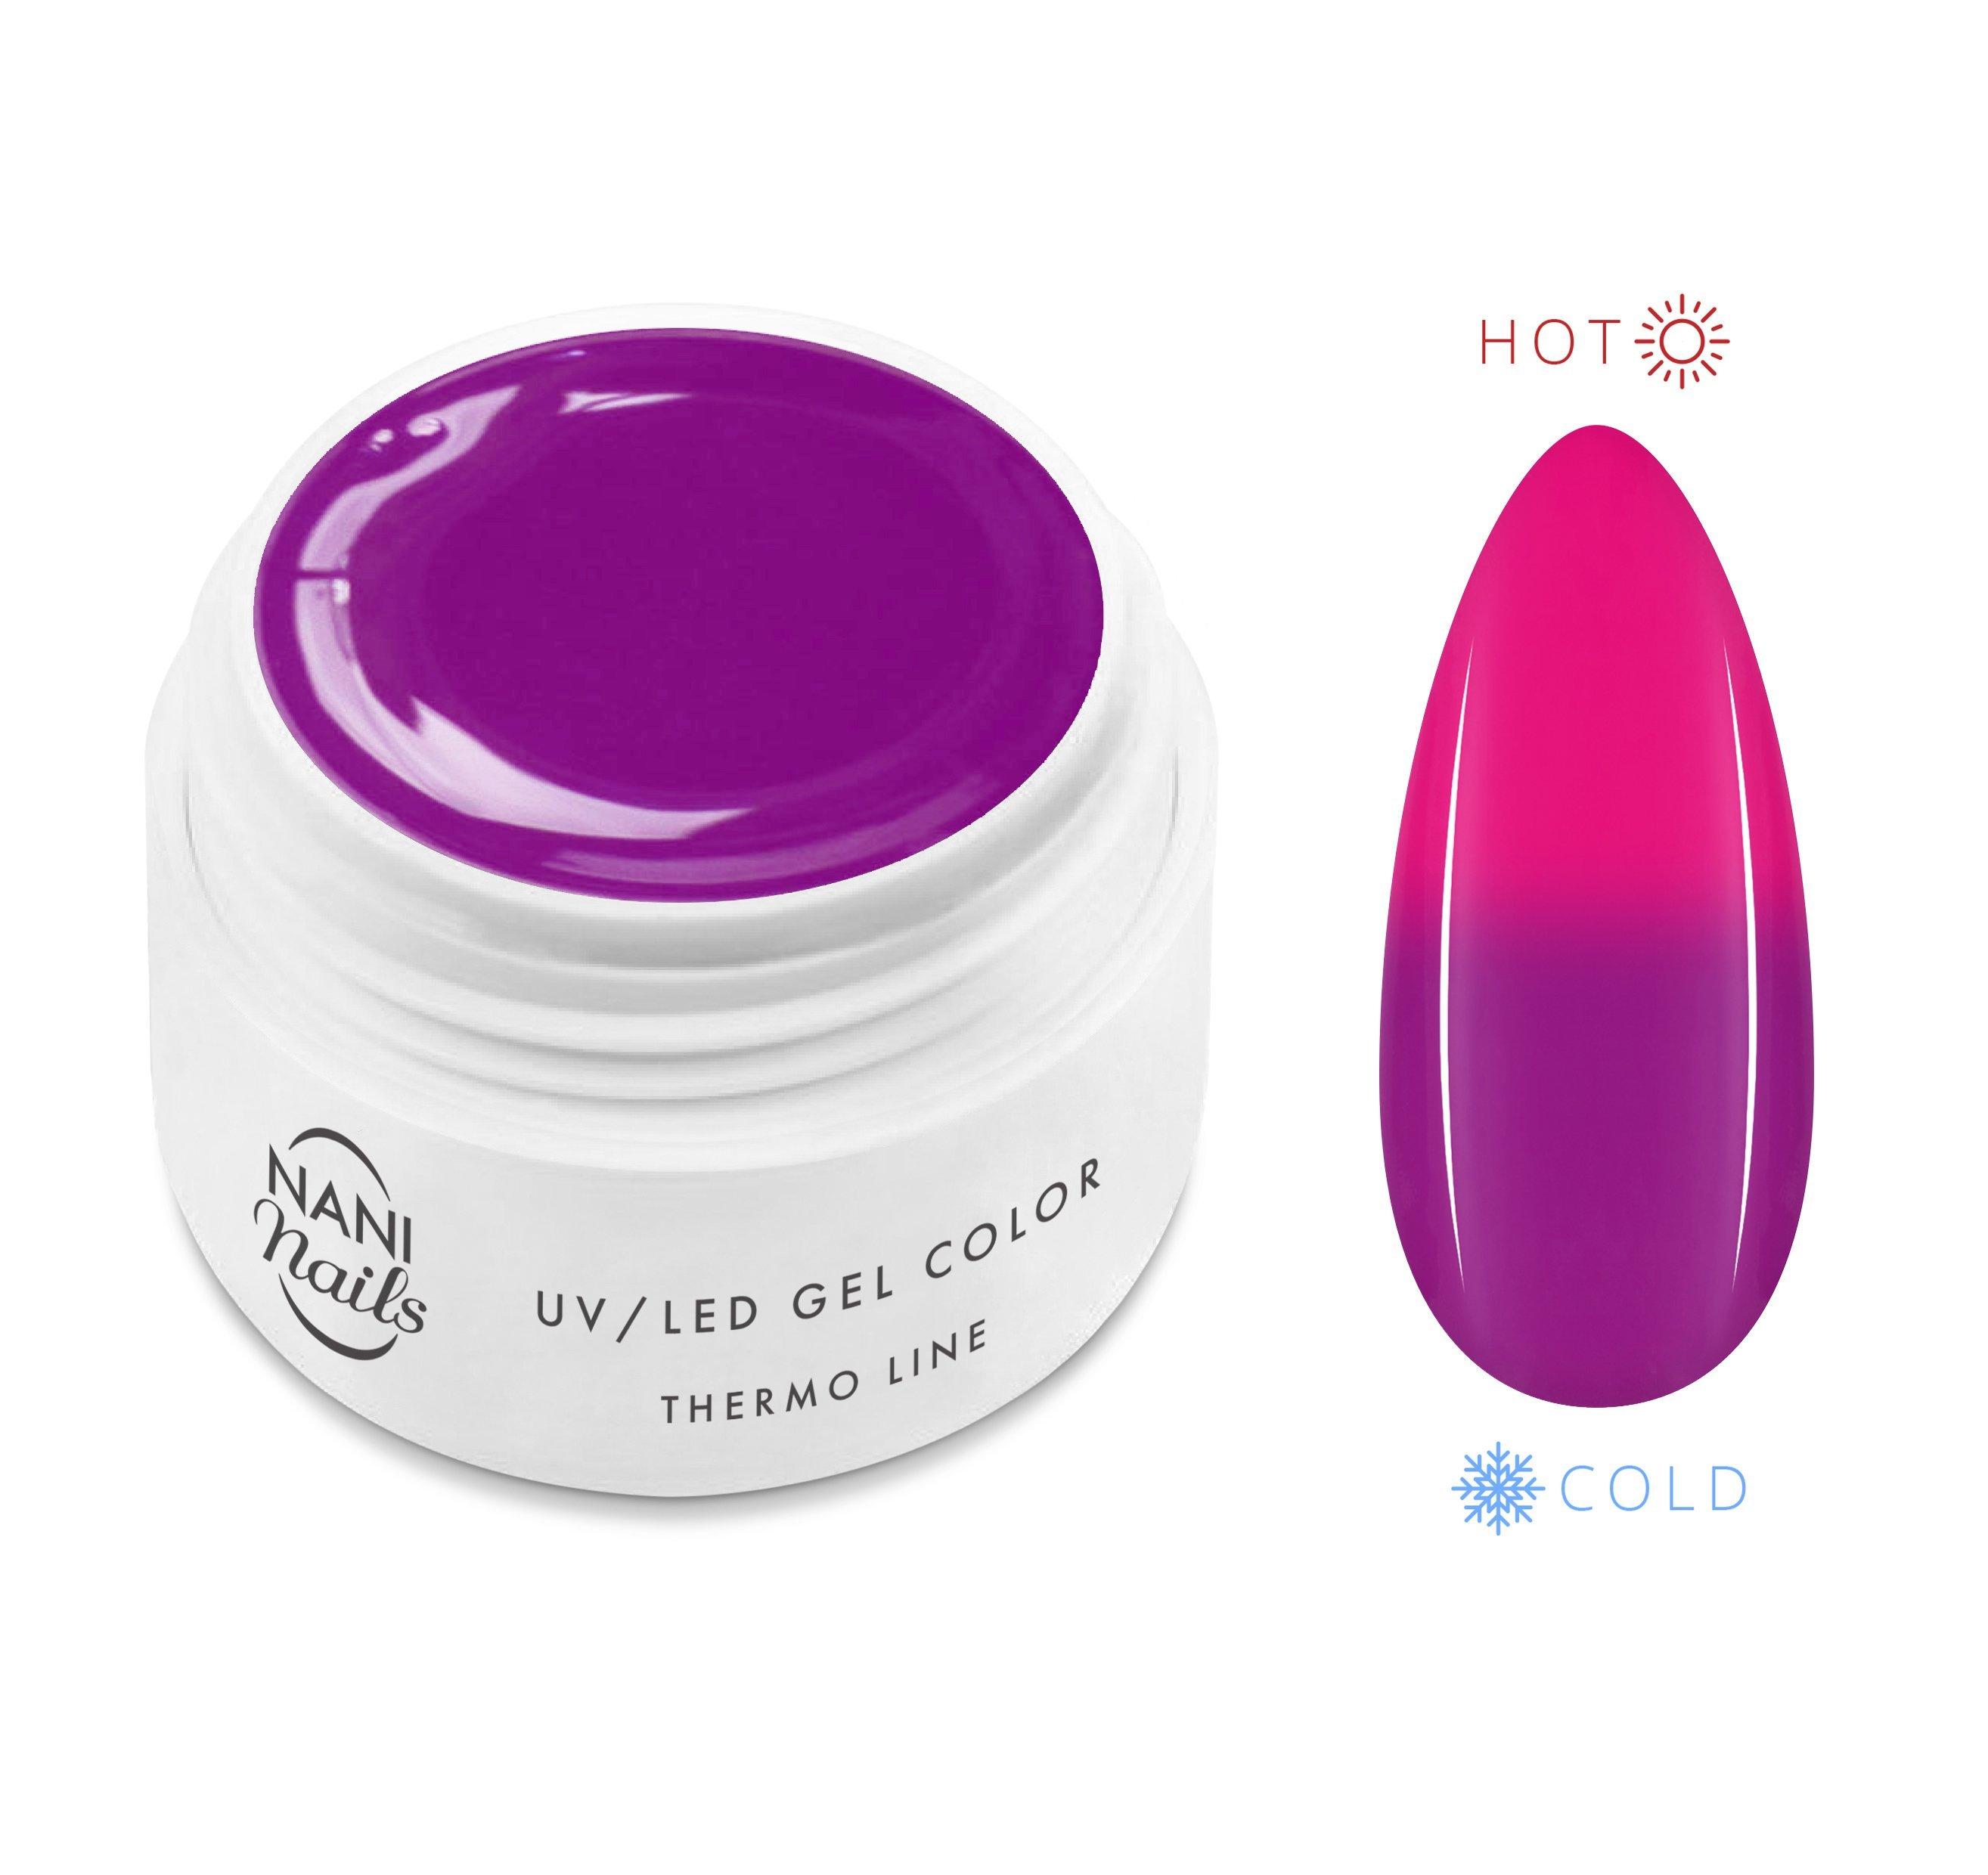 NANI termo UV gél 5 ml - Violet Neon Pink